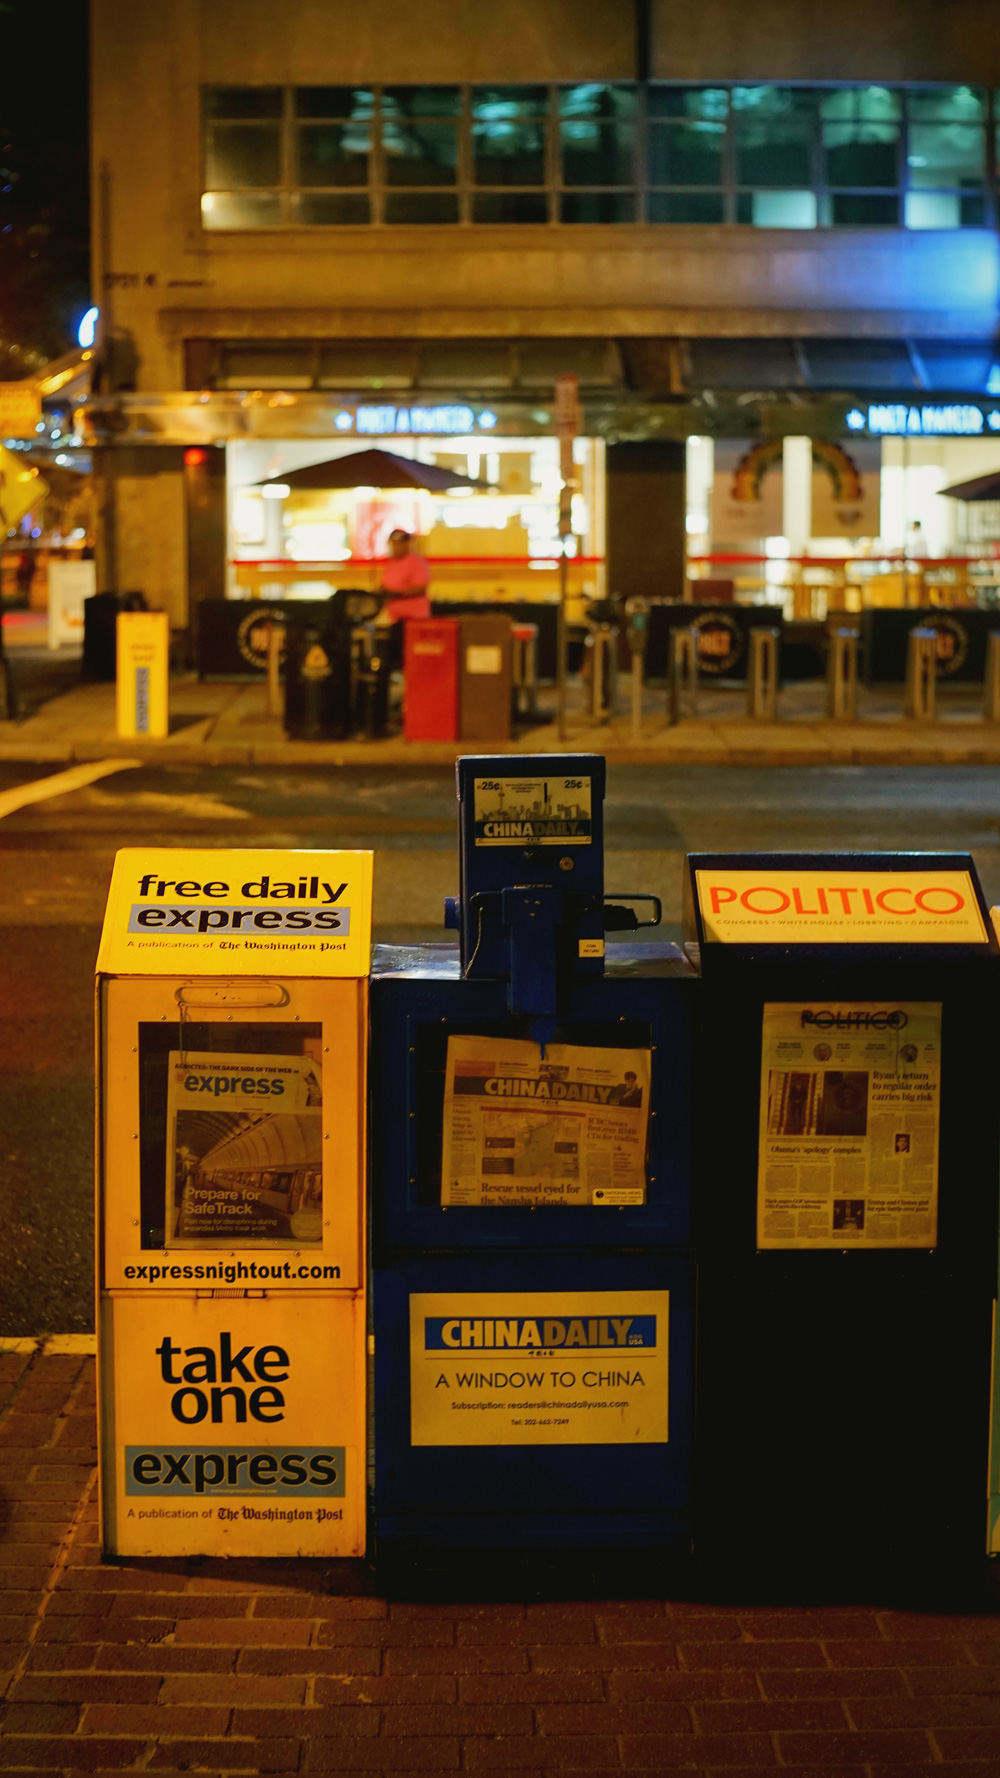 自由领取的报纸以及China Daily